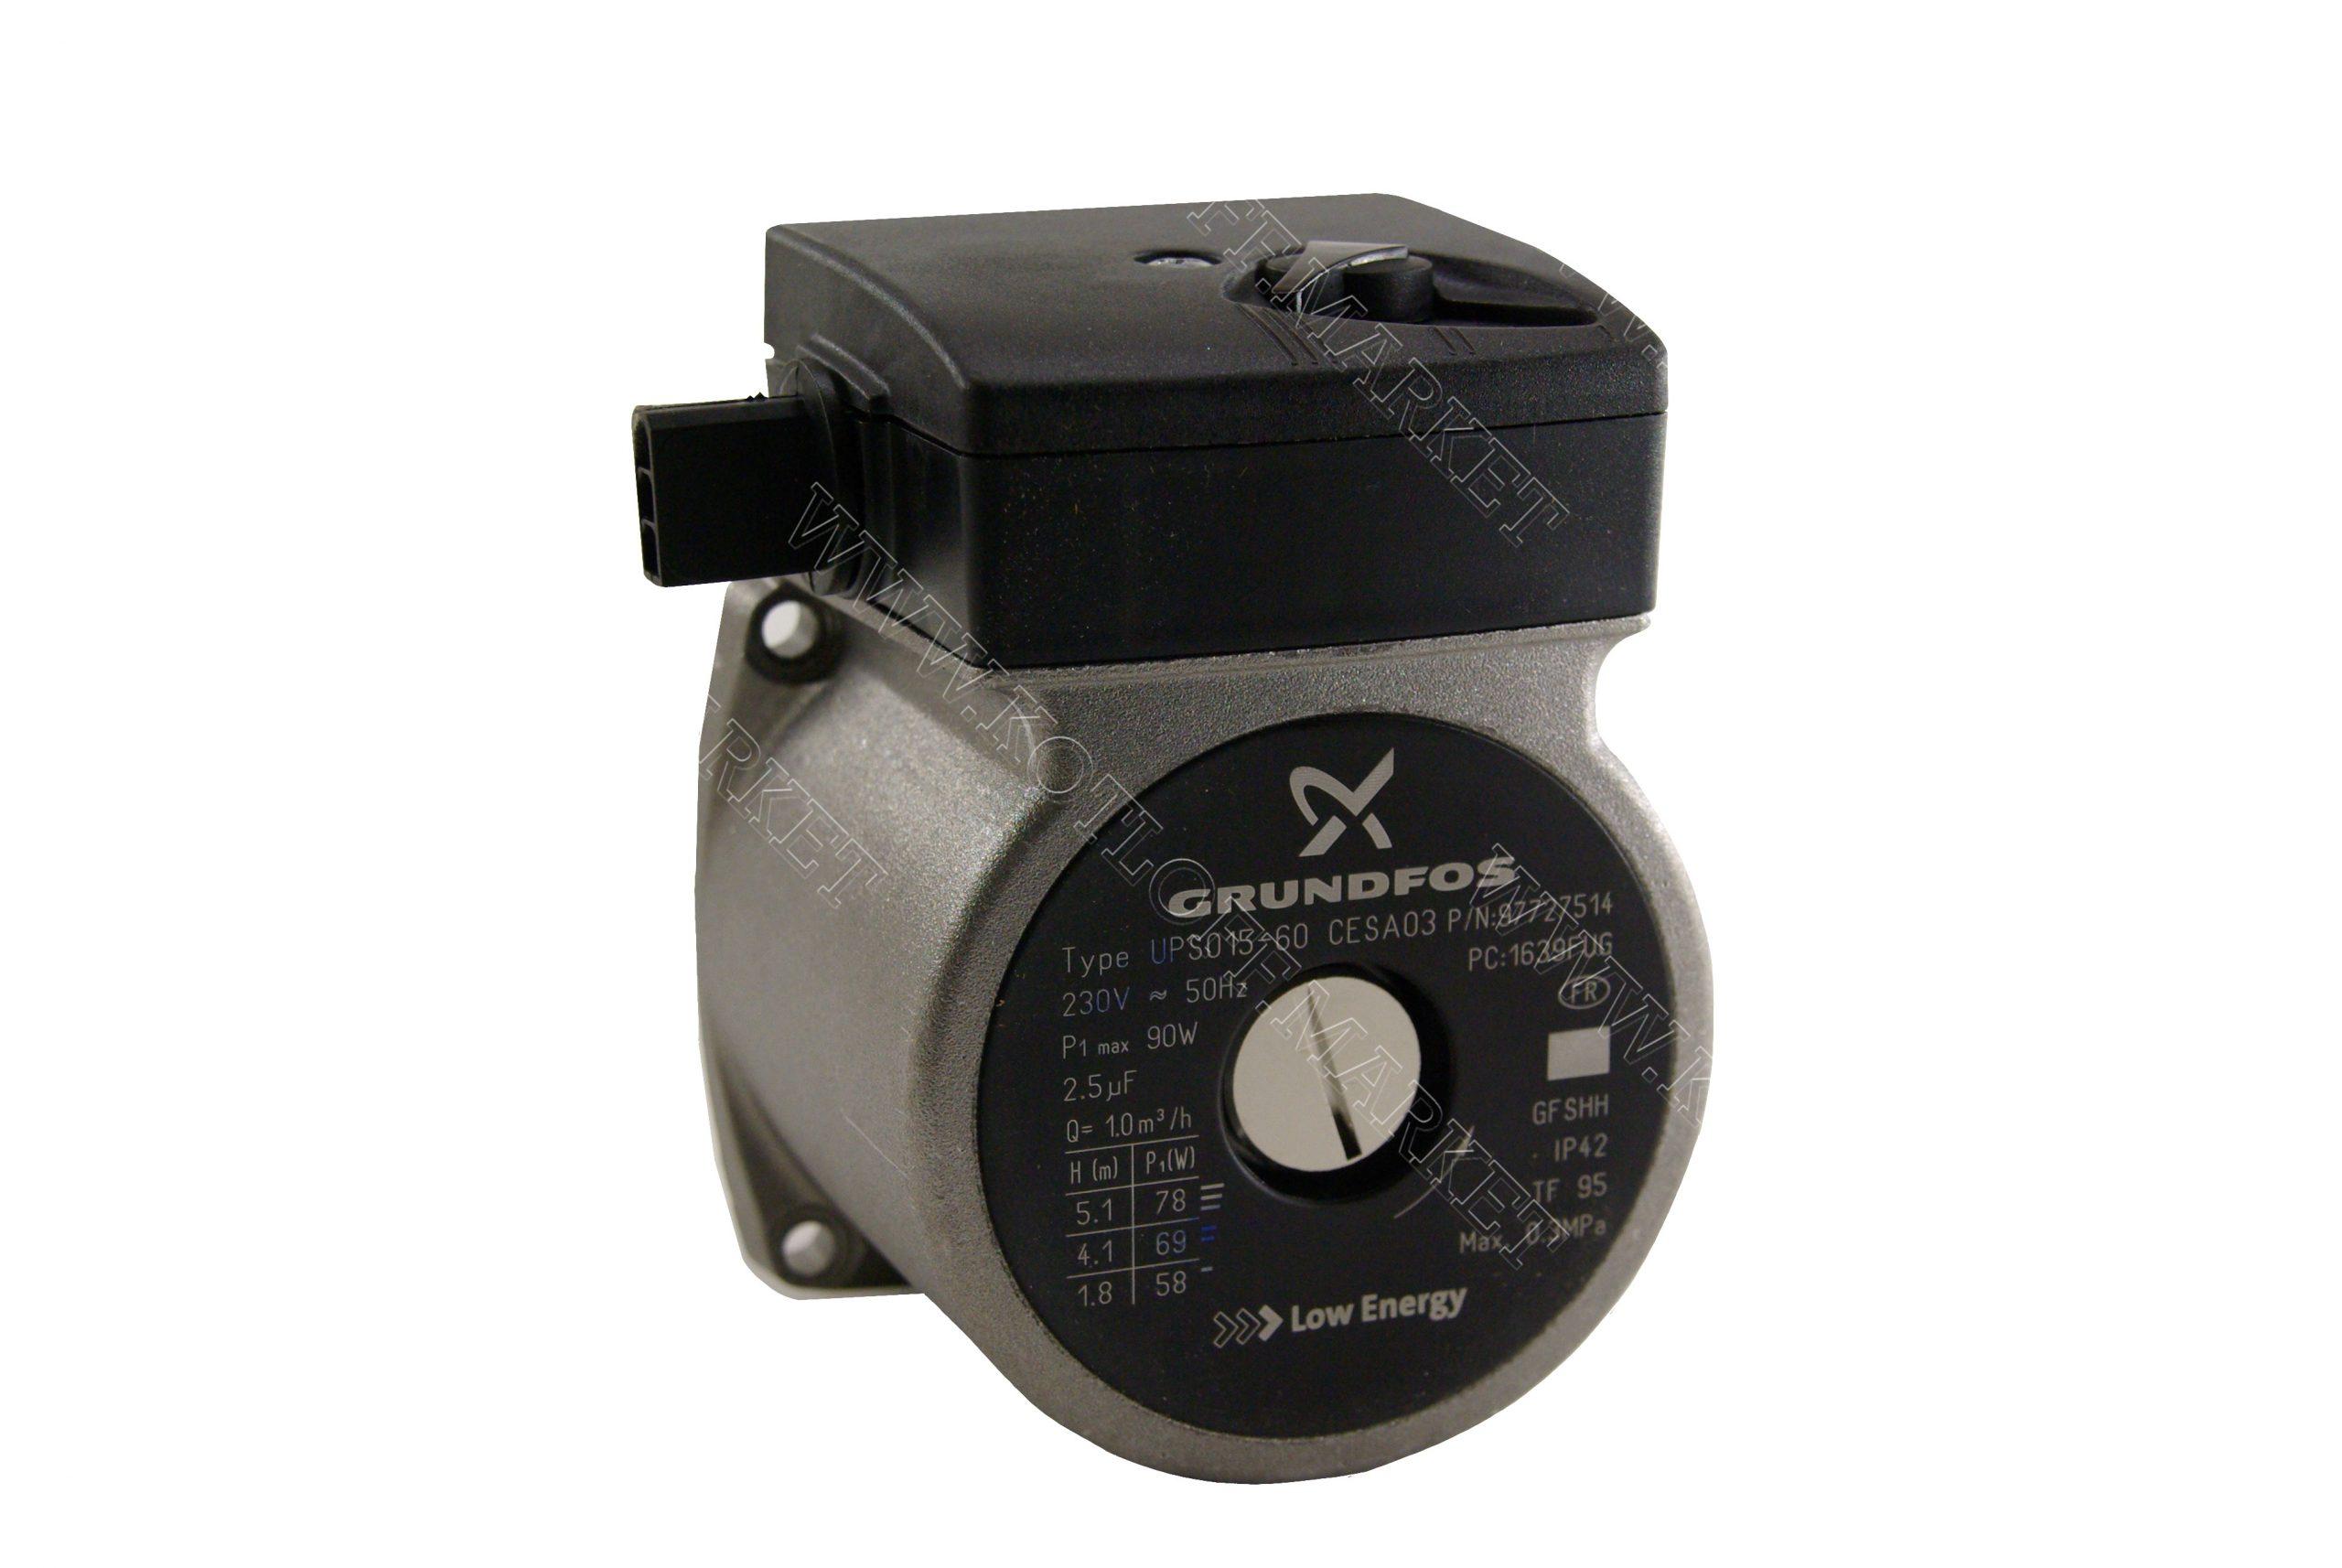 Двигатель циркуляционного насоса Grundfos UPS 15-60 110W